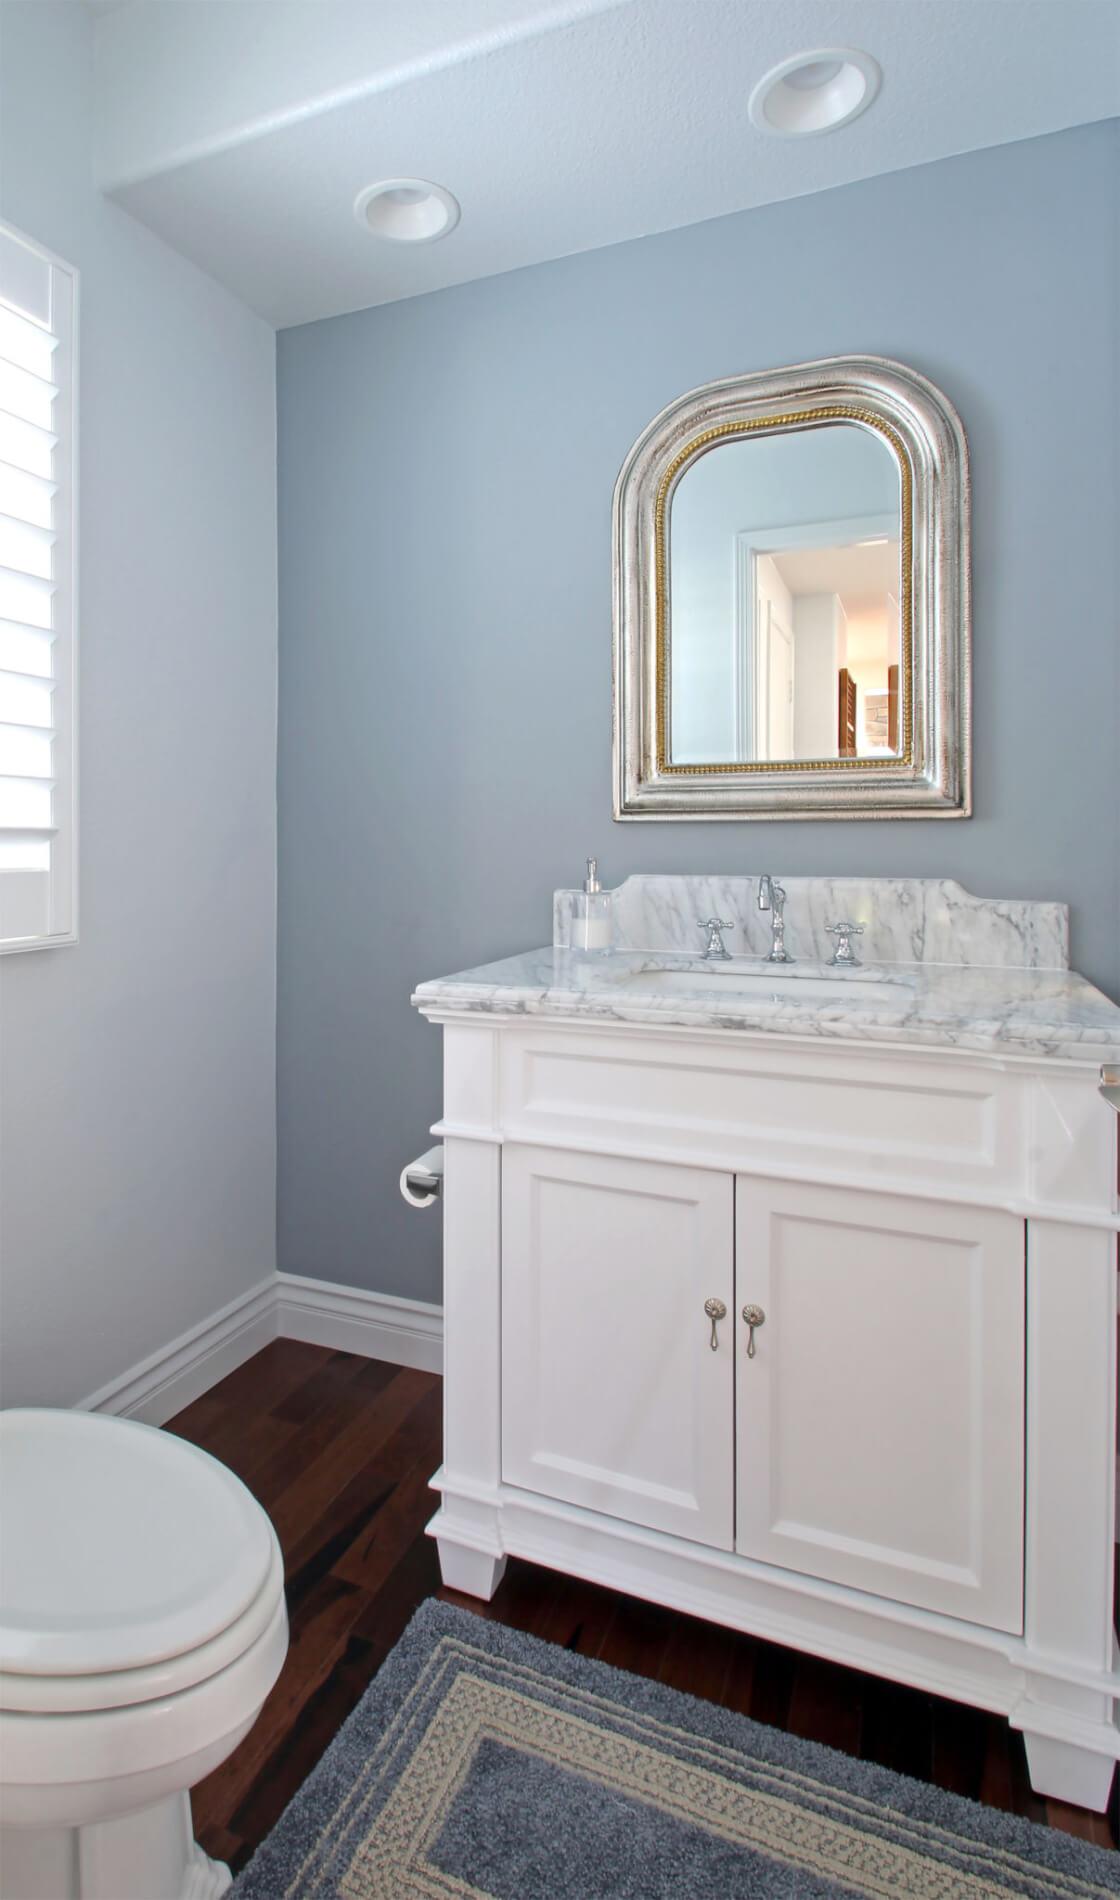 Powder Bathroom Remodel in Newport Beach Family Home, Family Home Remodel Powder Bathroom